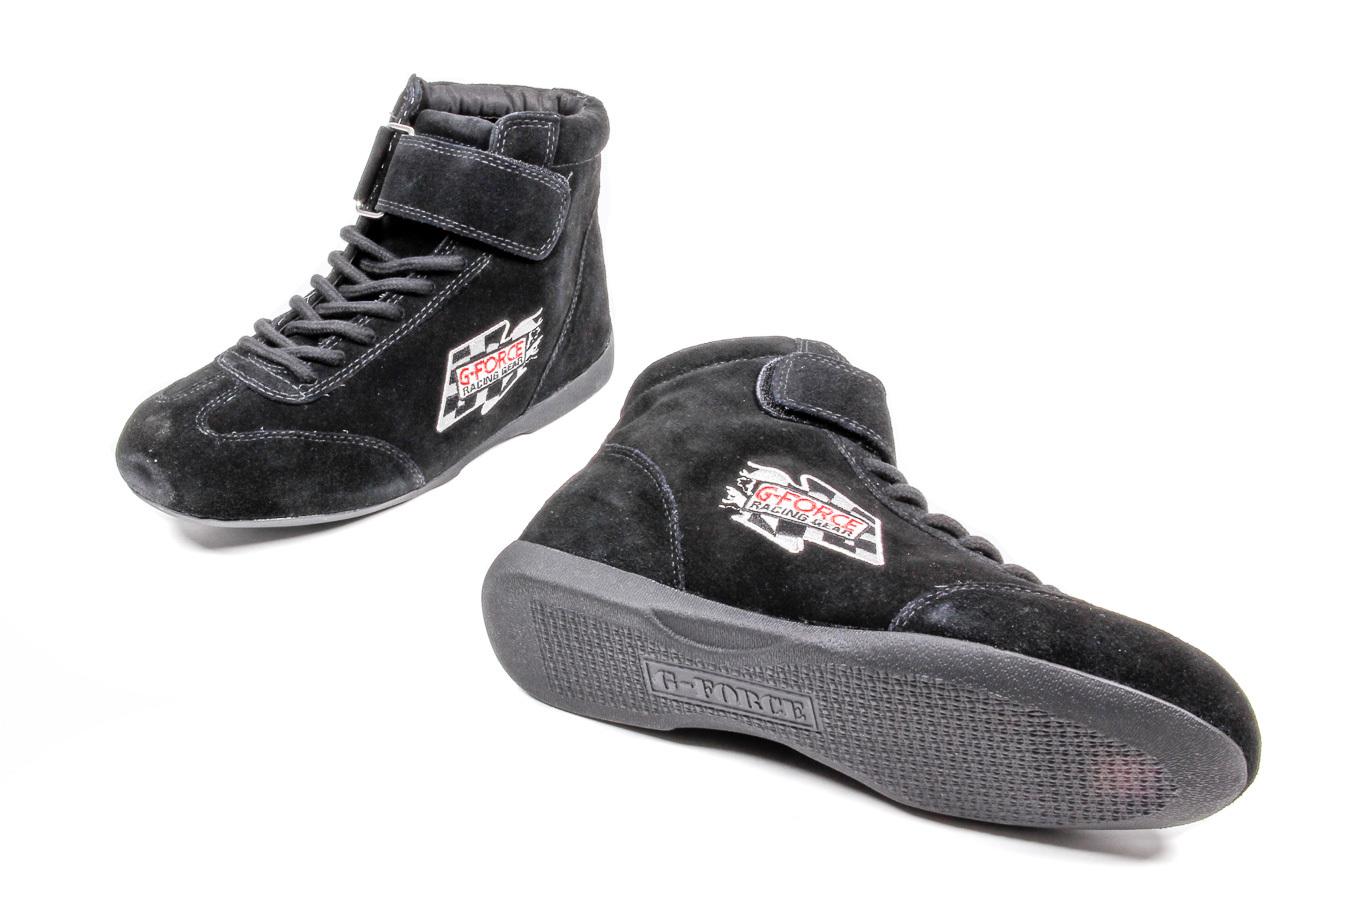 GF235 RaceGrip Mid-Top Shoes Black Size 10.5